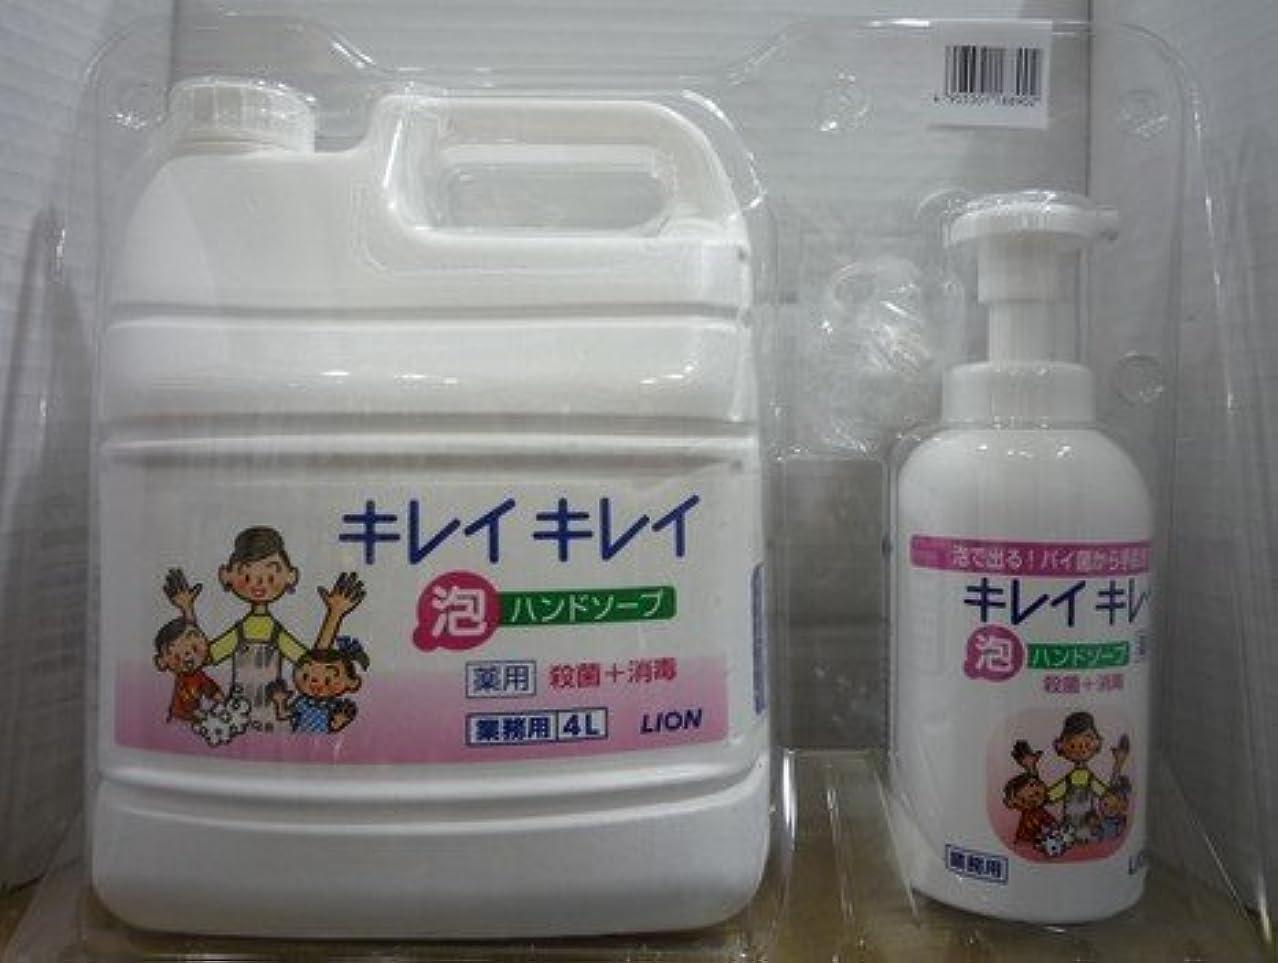 昼寝遠征集団キレイキレイ 薬用泡ハンドソープ 業務用 4L+キレイキレイ 薬用泡ハンドソープボトル550ml